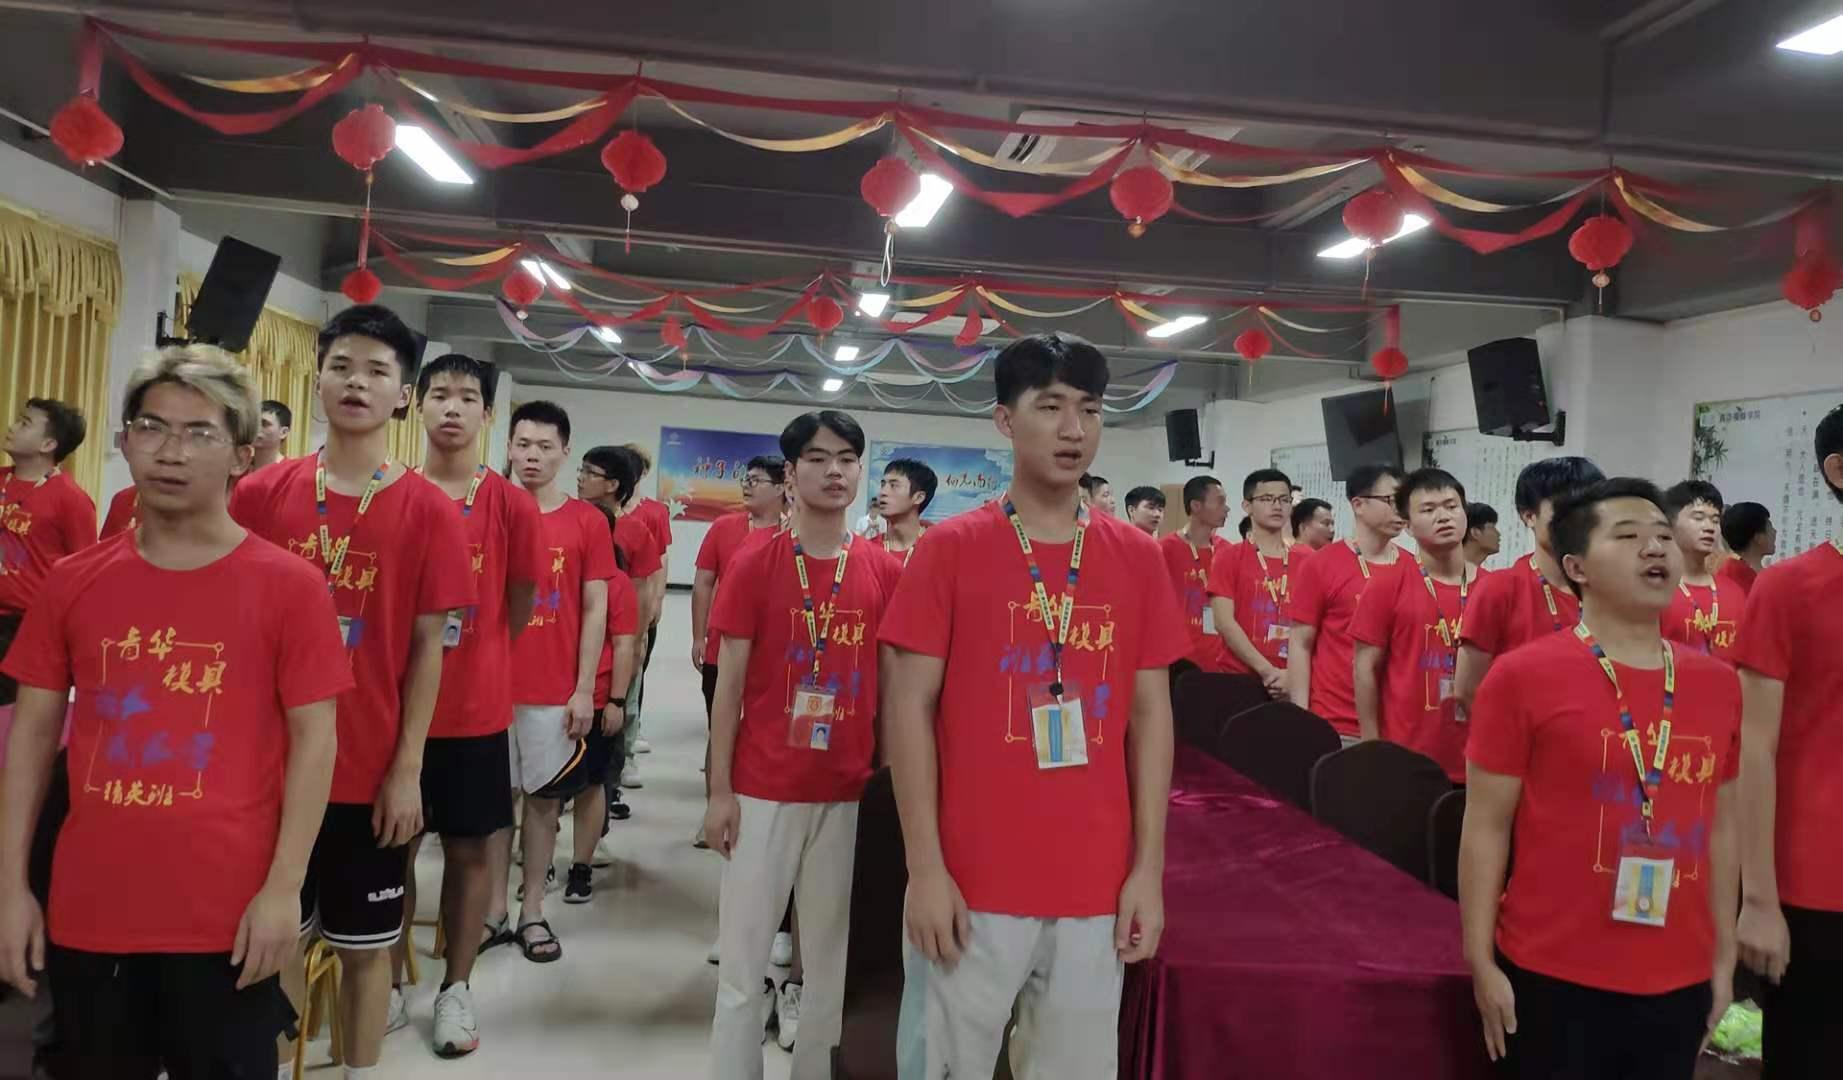 青华模具第22届精英班长团开团仪式圆满结束